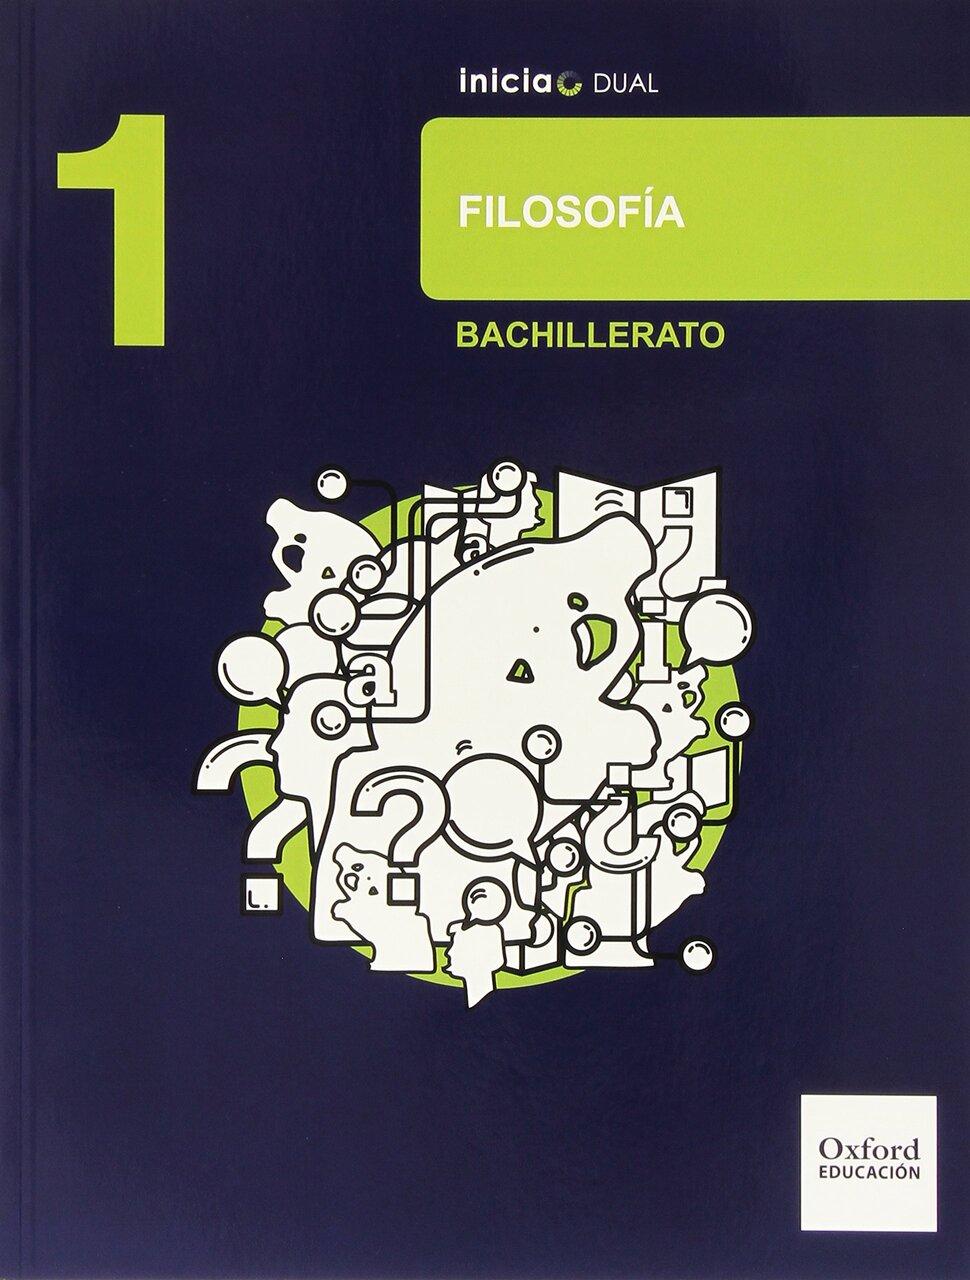 Solucionario Filosofia 1 Bachillerato Oxford